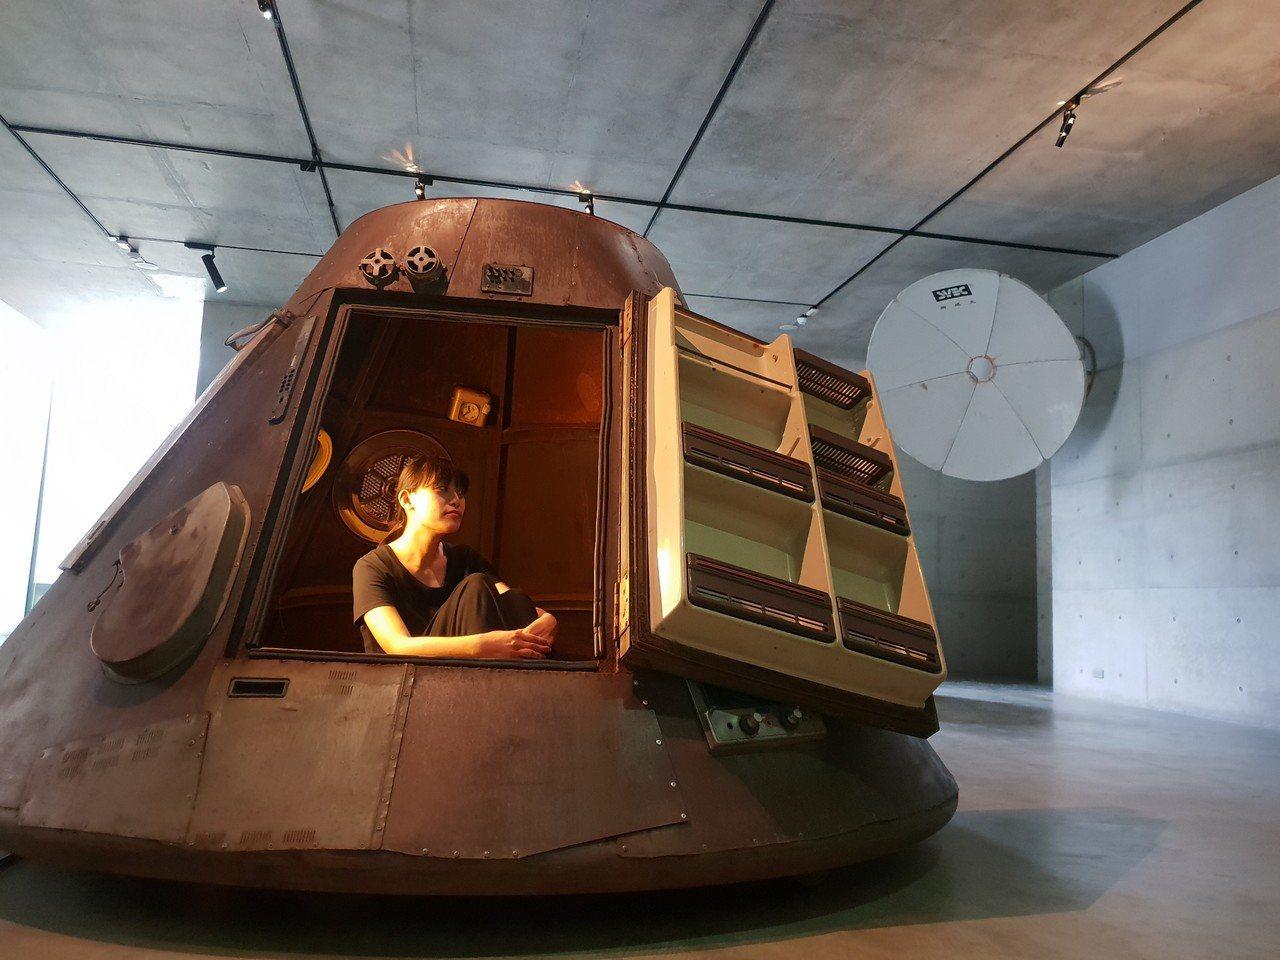 毓繡美術館「帶我去月球」展覽,其中李承亮用冰箱、電鍋、洗衣機等廢棄電器打造太空艙...